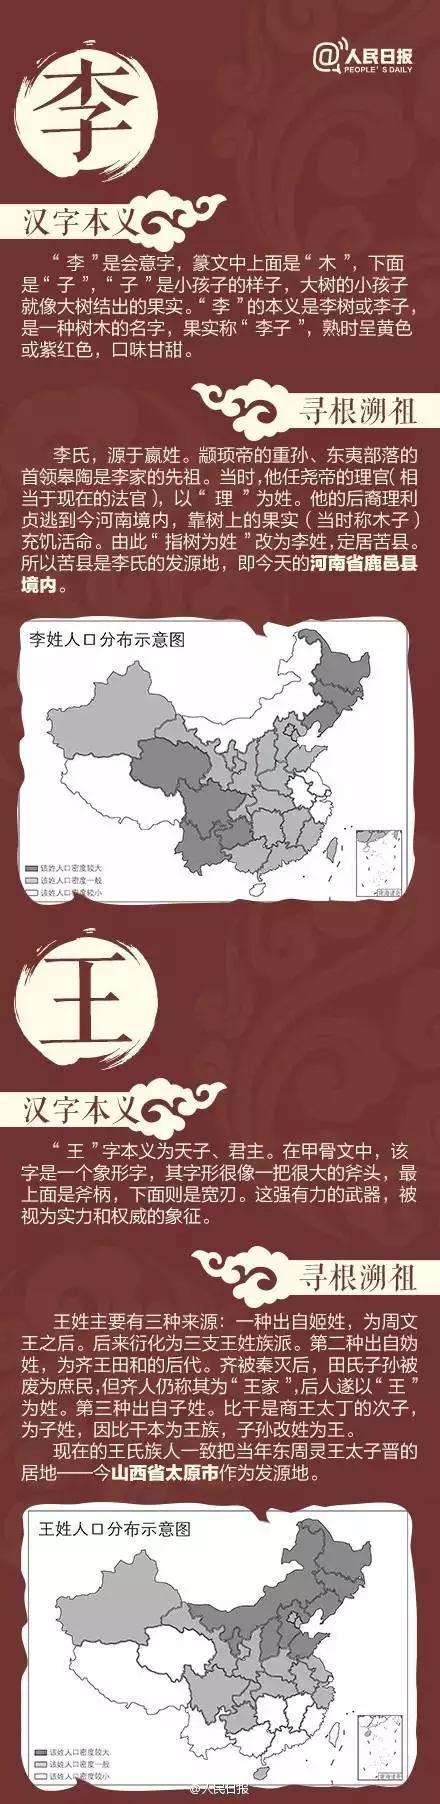 2020中国姓氏排行_荐读中国姓氏分布图出炉,看看自己的根在哪里?